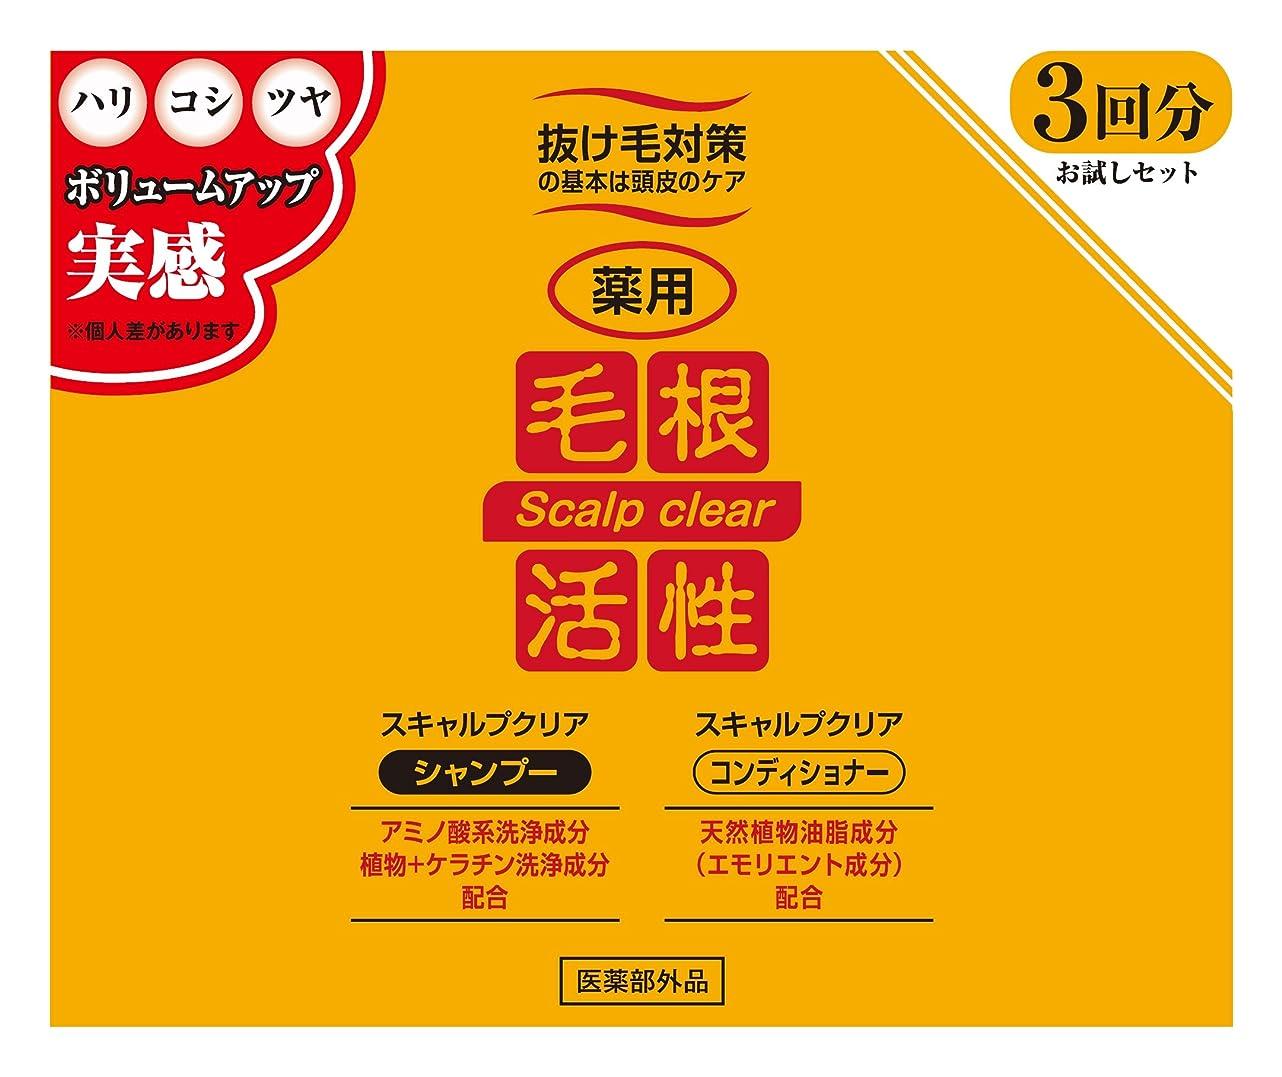 角度手書き固める薬用 毛根活性 シャンプー&コンディショナー 3日間お試しセット (シャンプー10ml×3個 + コンディショナー10ml×3個)